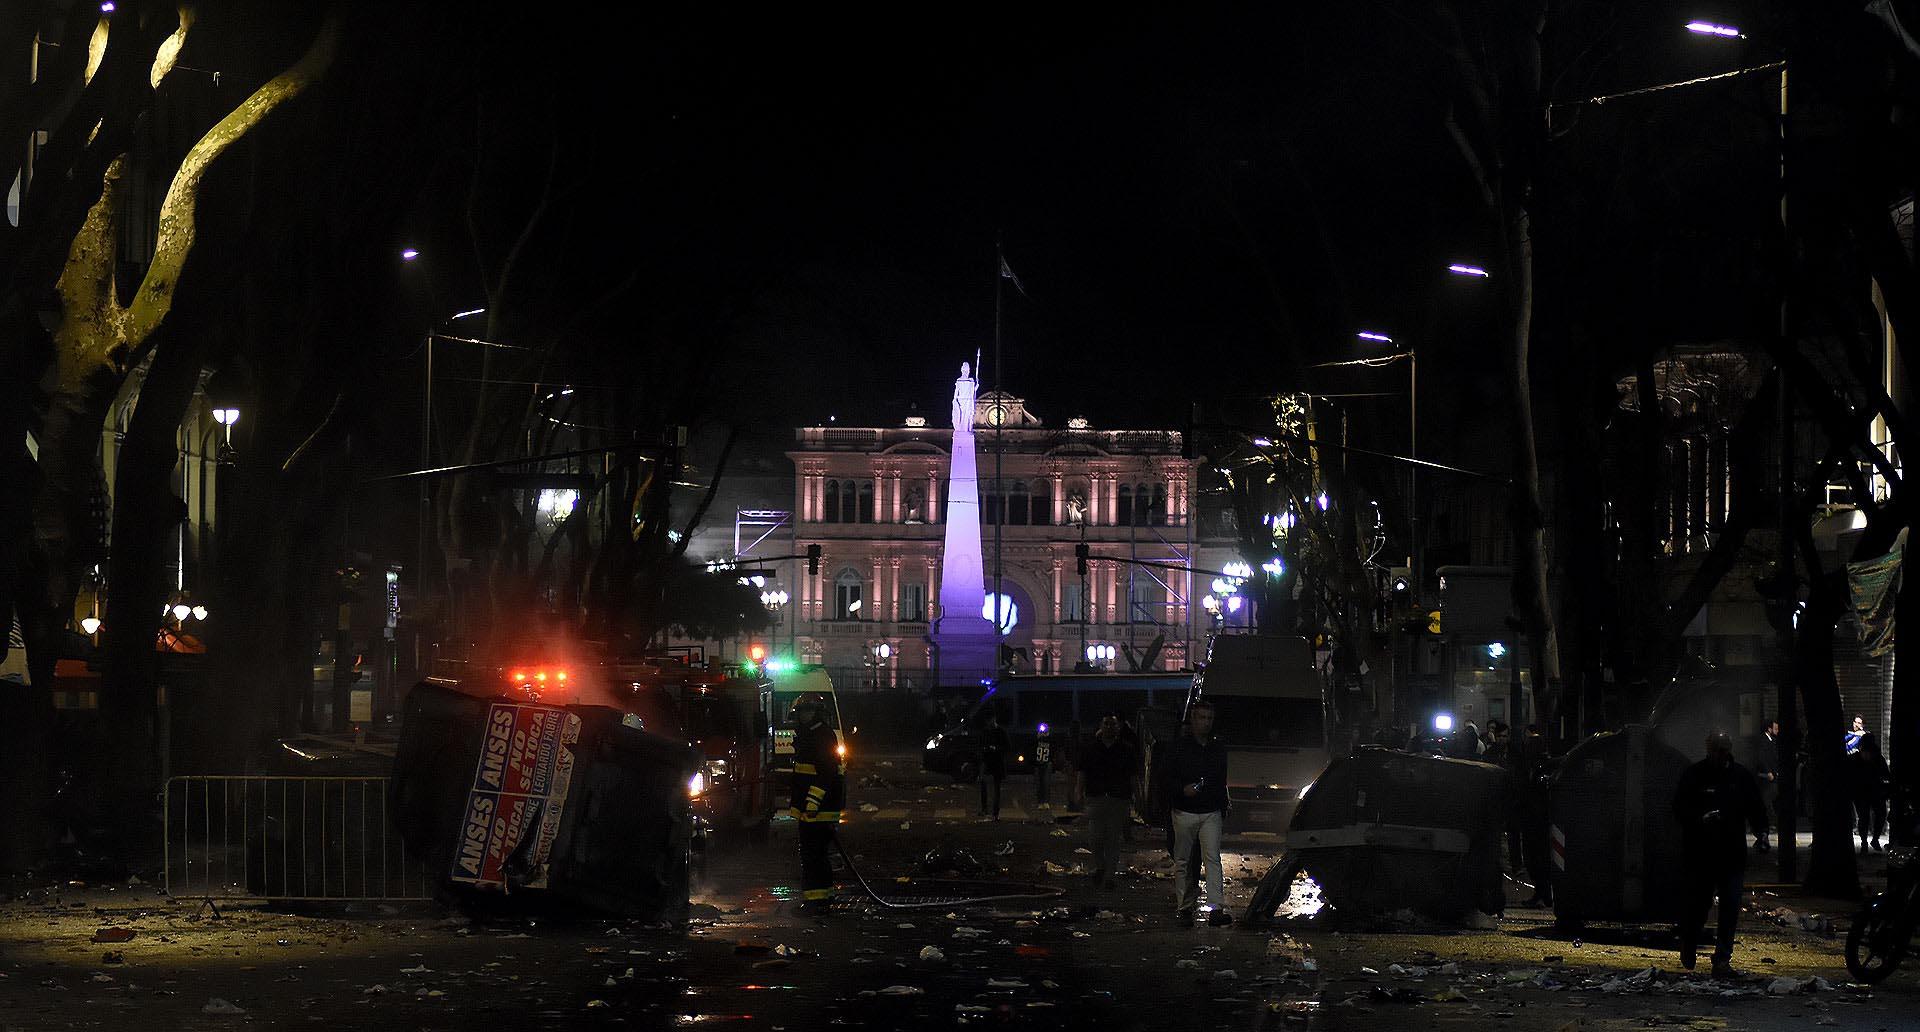 Destrozos y suciedad en las inmediaciones de Plaza de Mayo tras la marcha por Santiago Maldonado